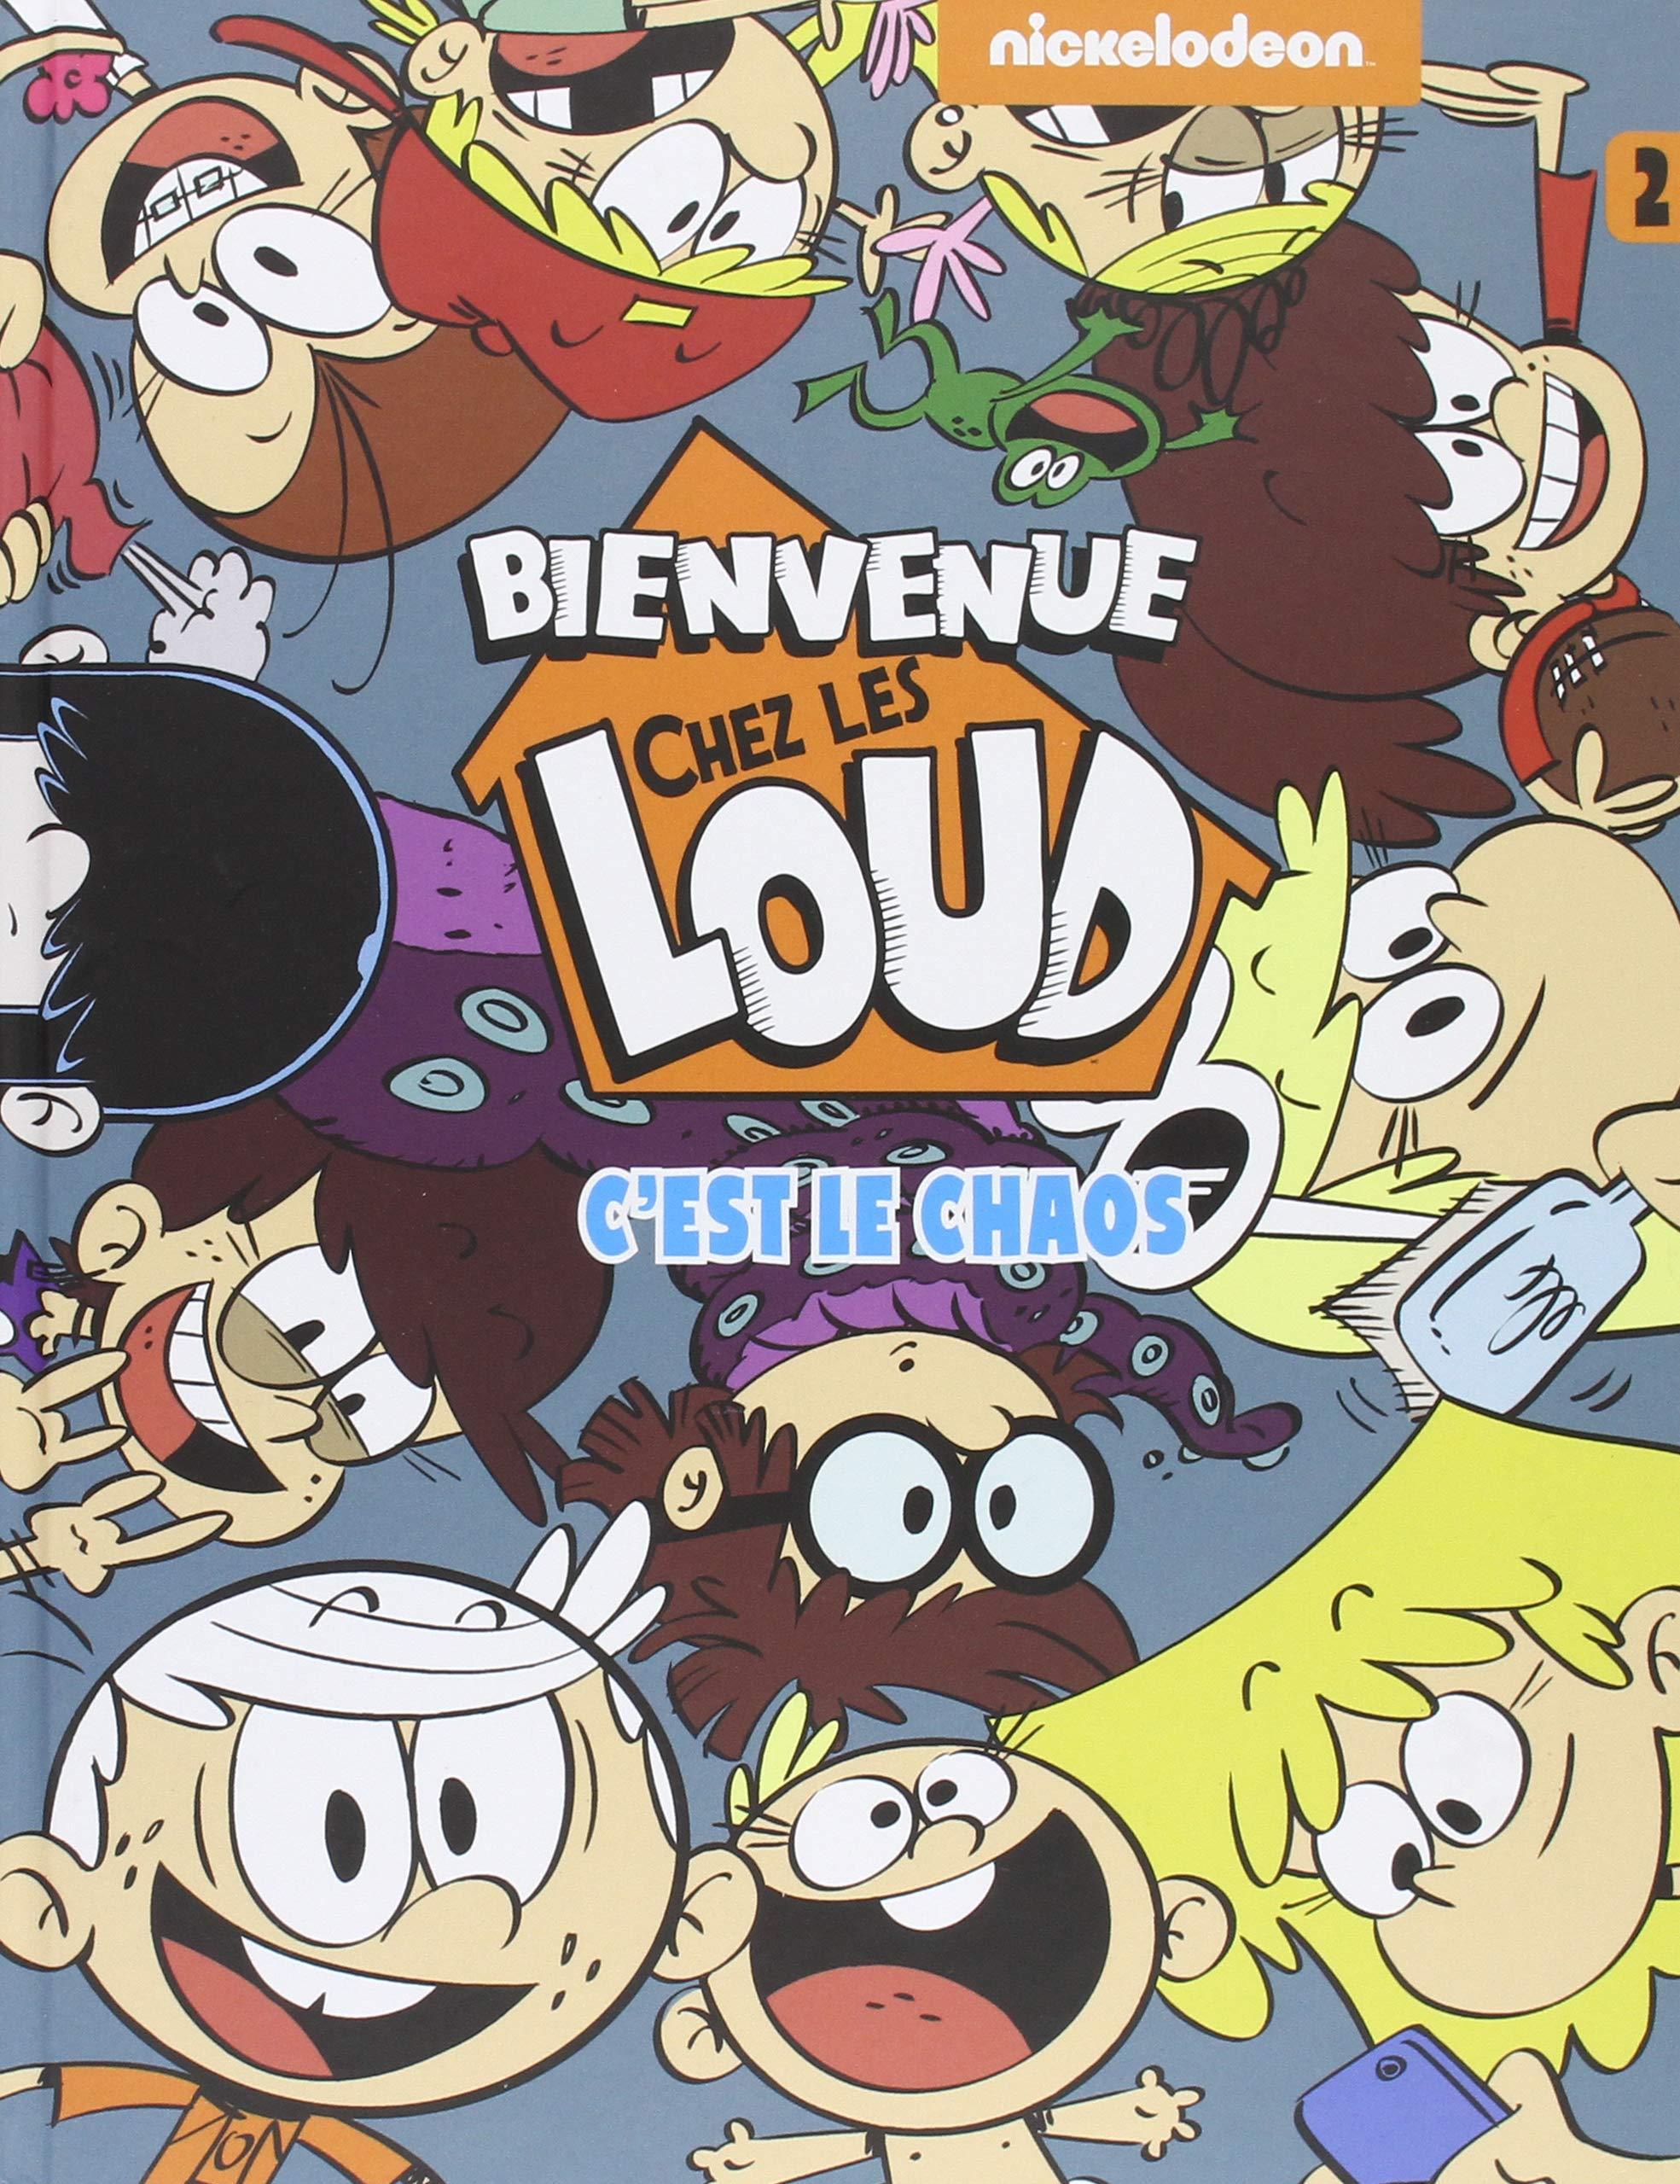 Bienvenue Chez Les Loud Tome 2 9782012905146 Amazon Com